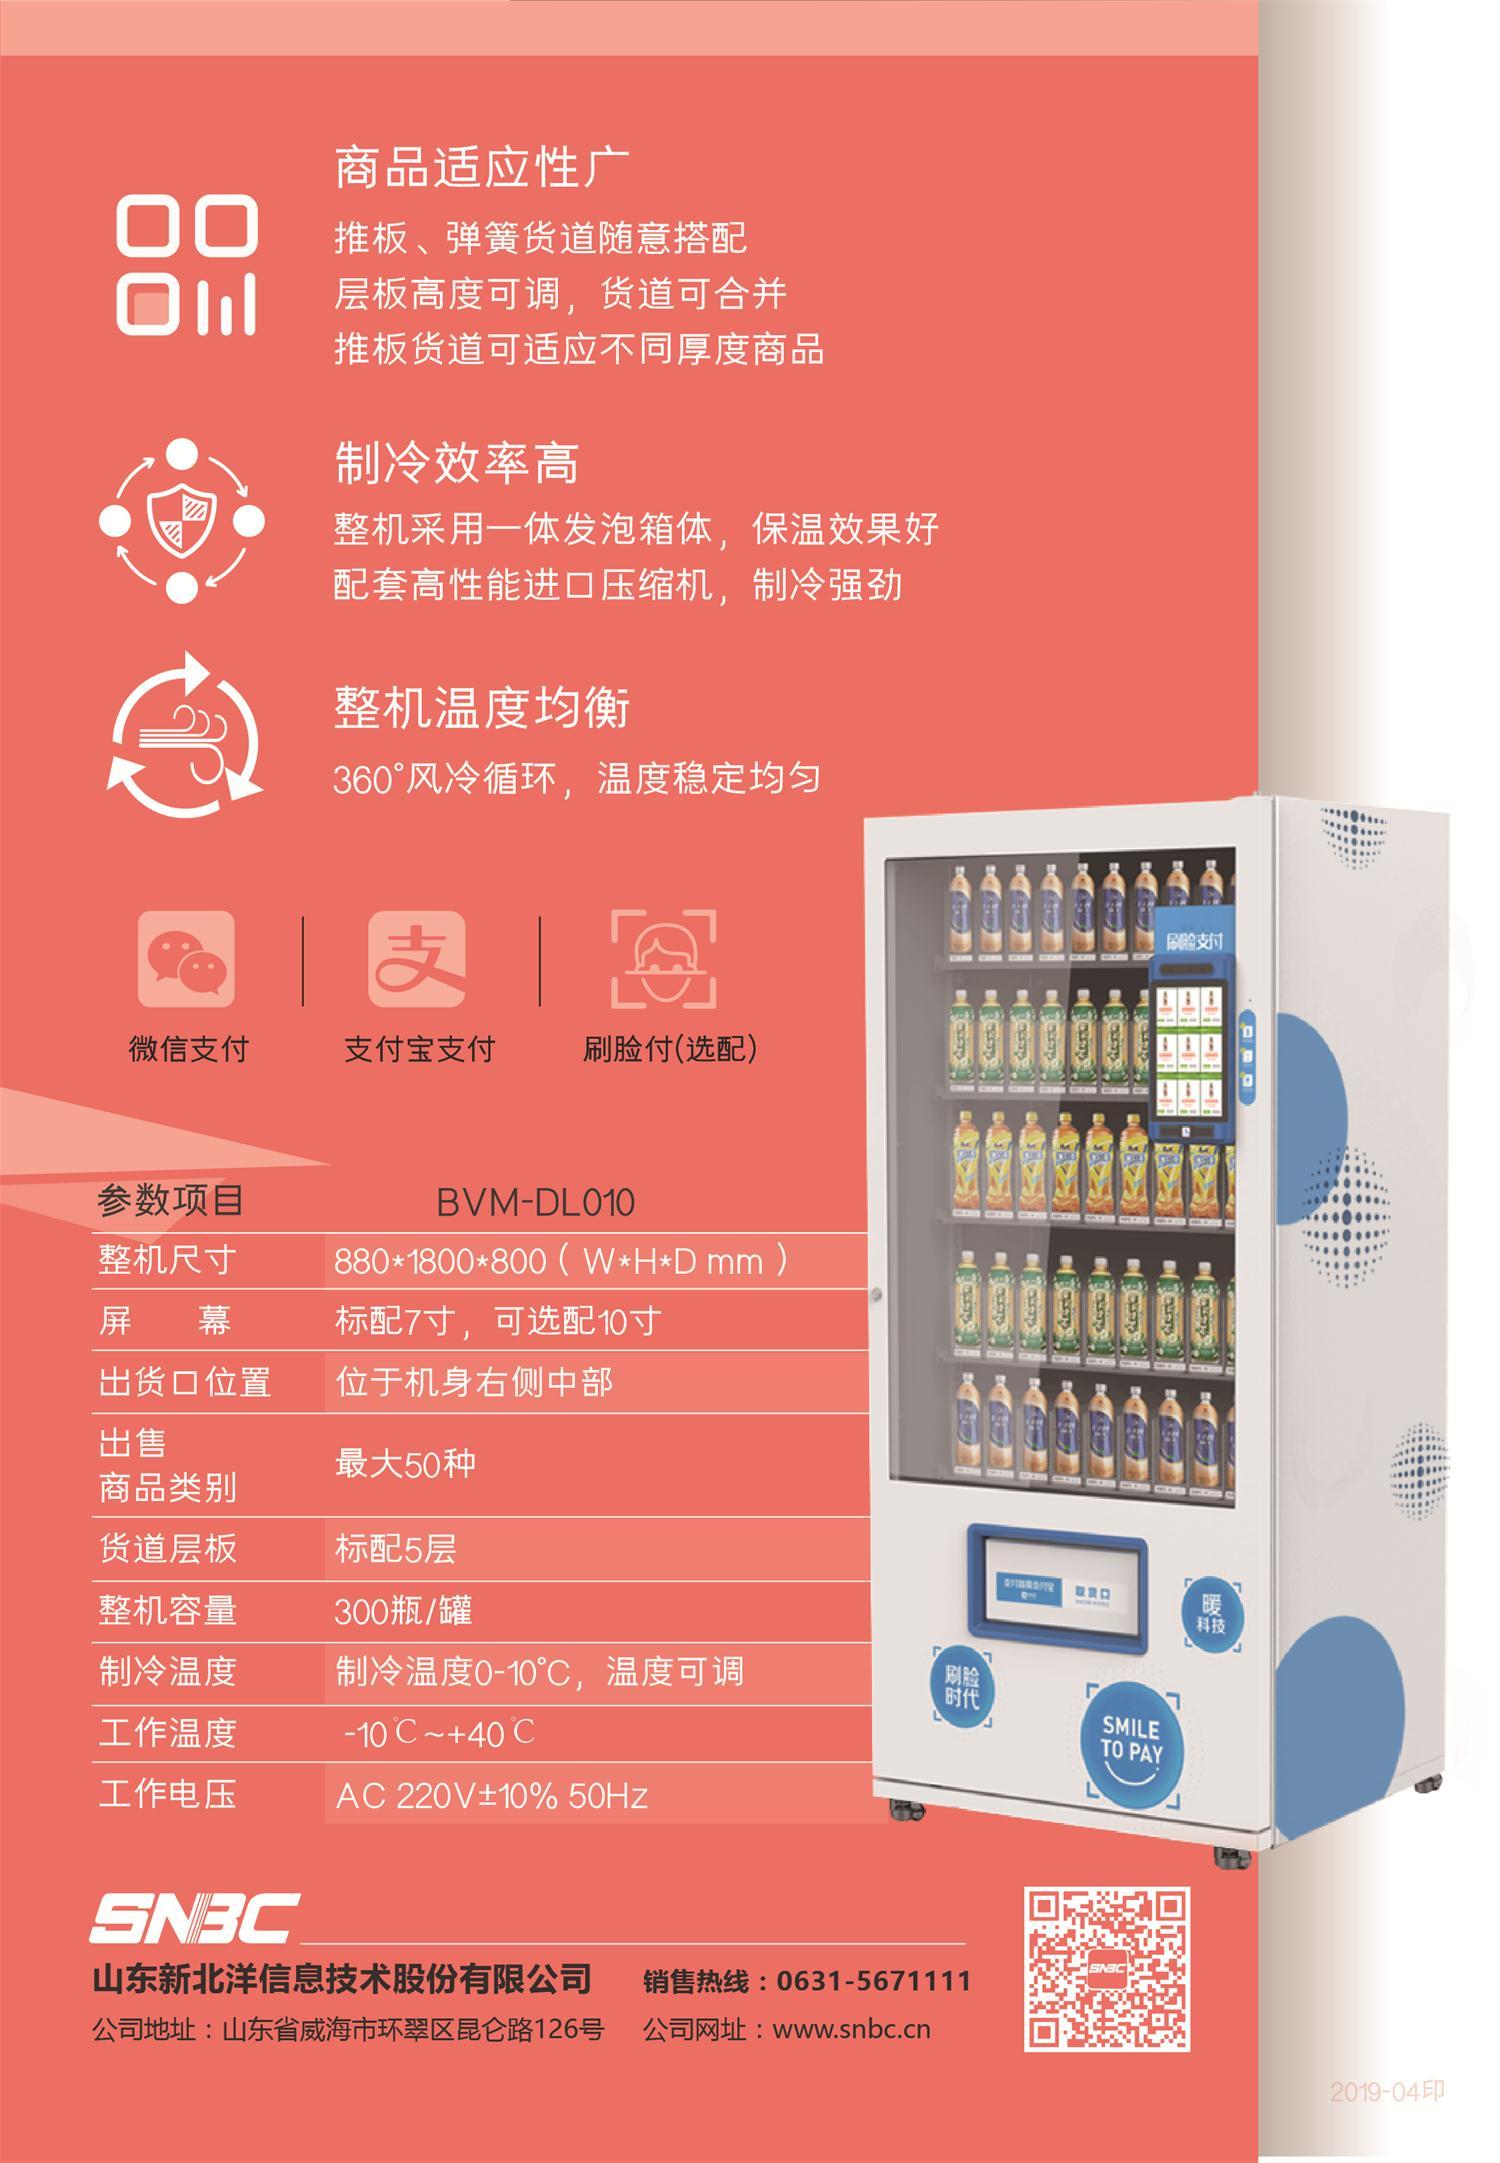 小型综合售货机20190402-02.jpg